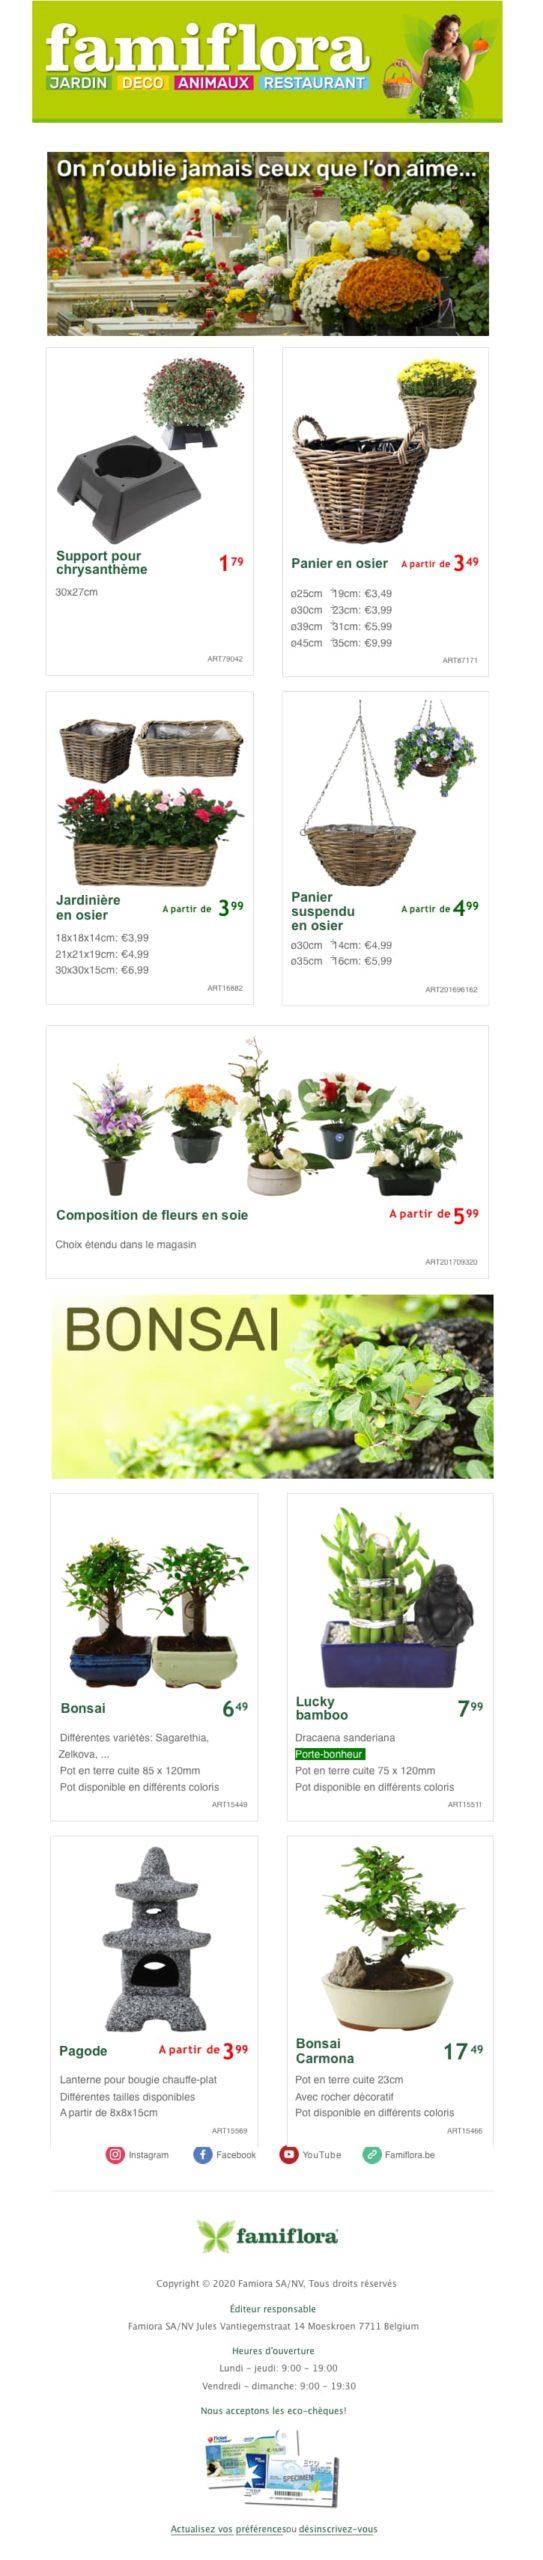 Newsletter 2 colonnes et 3 colonnes Famiflora